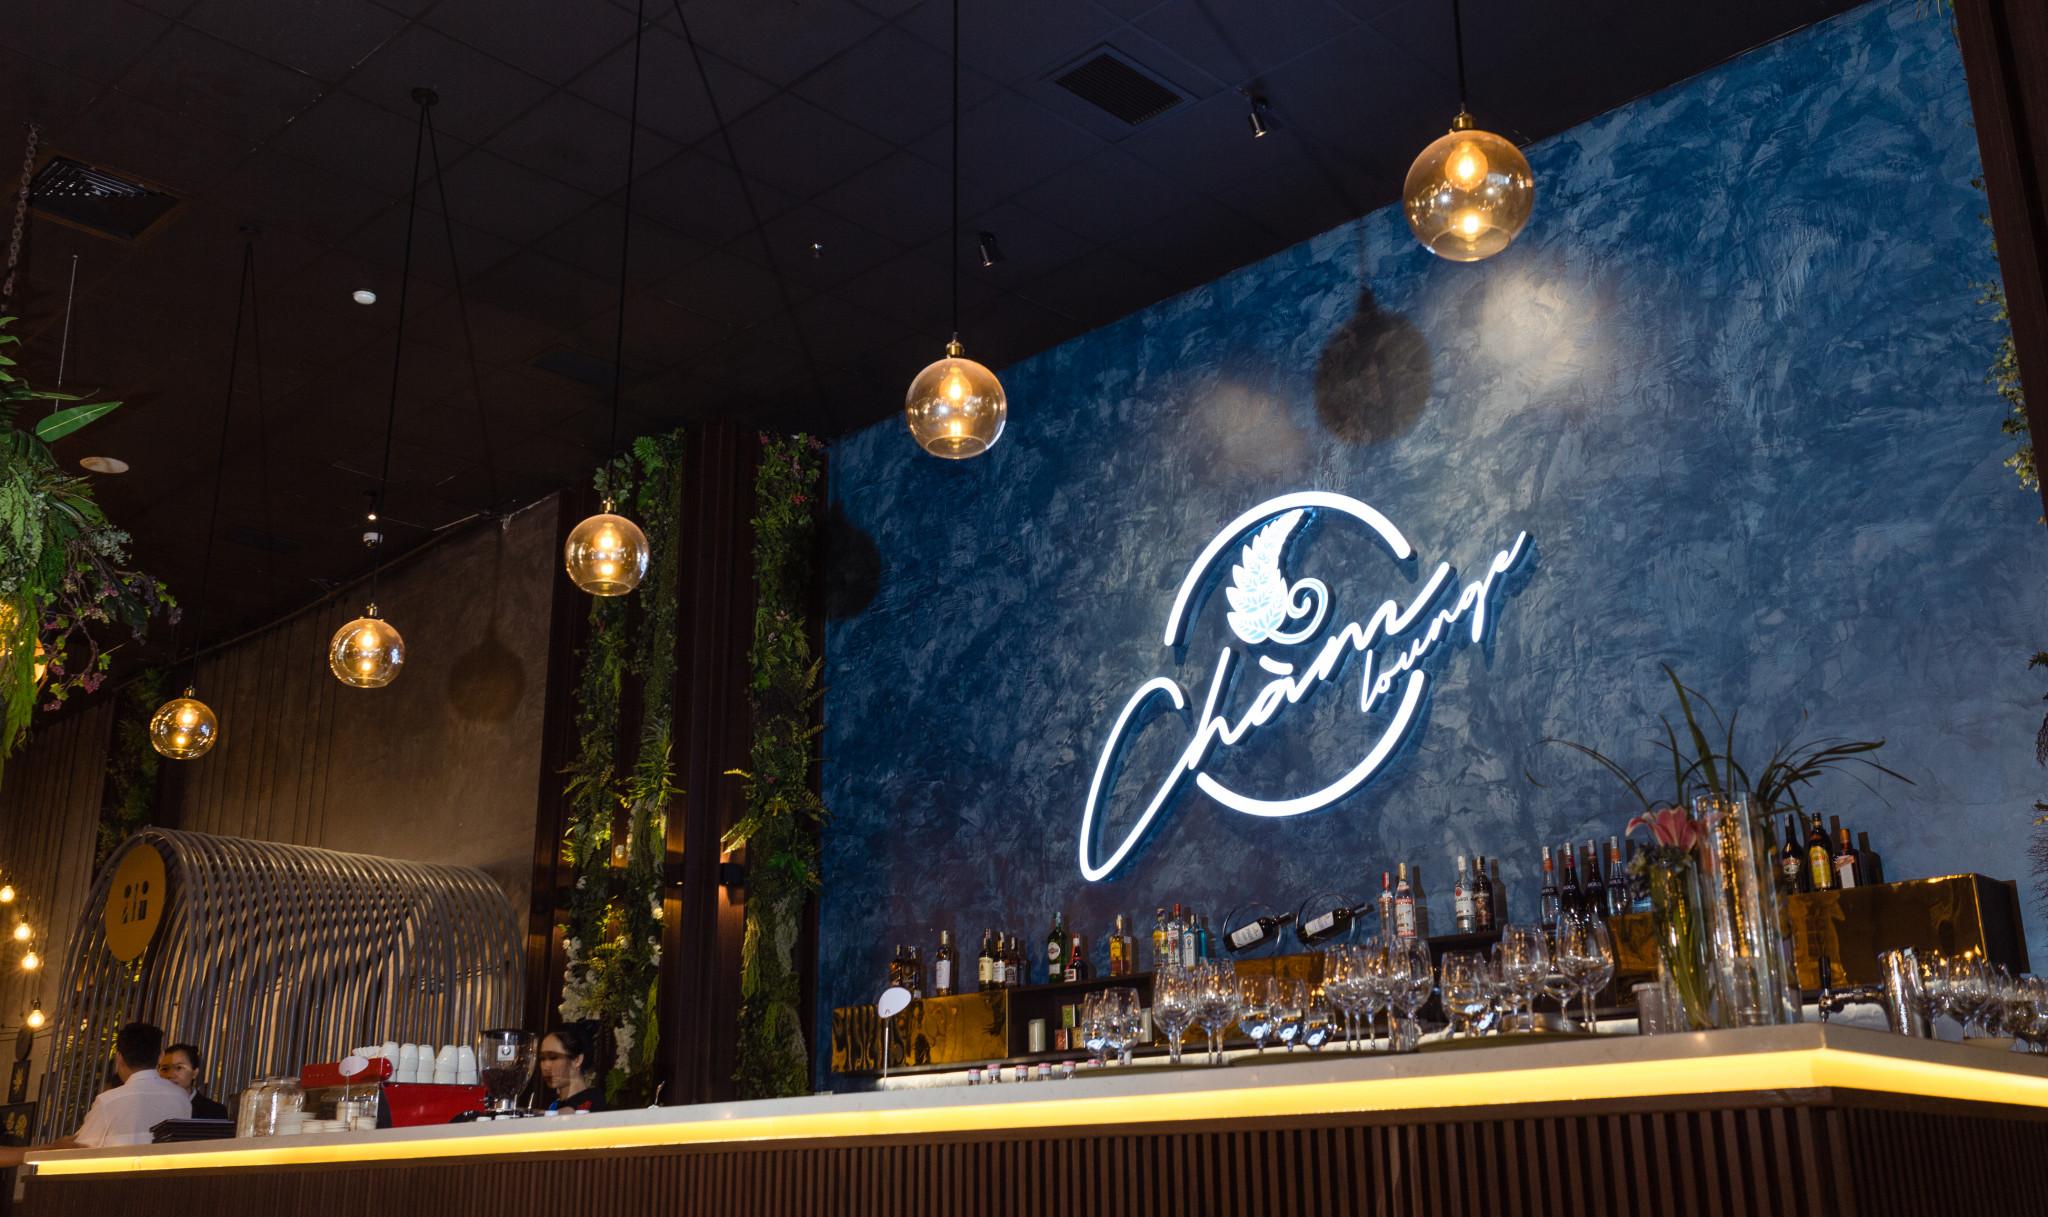 Vừa mới khai trương, 'Chàm Lounge' đã thu hút khách bởi không gian ấn tượng